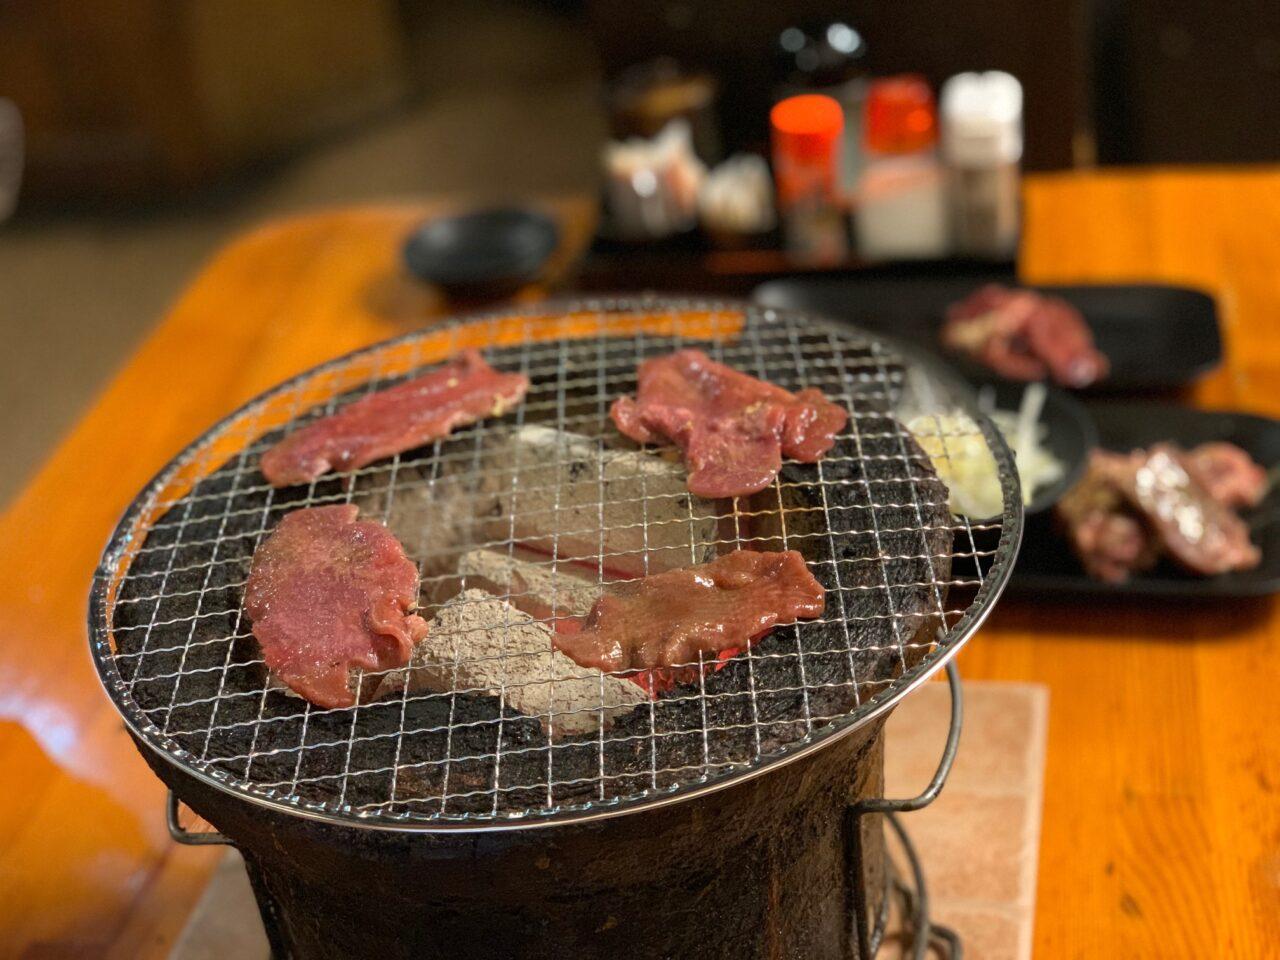 まとめ:七輪焼肉 安安でリーズナブルに焼肉が楽しめる!